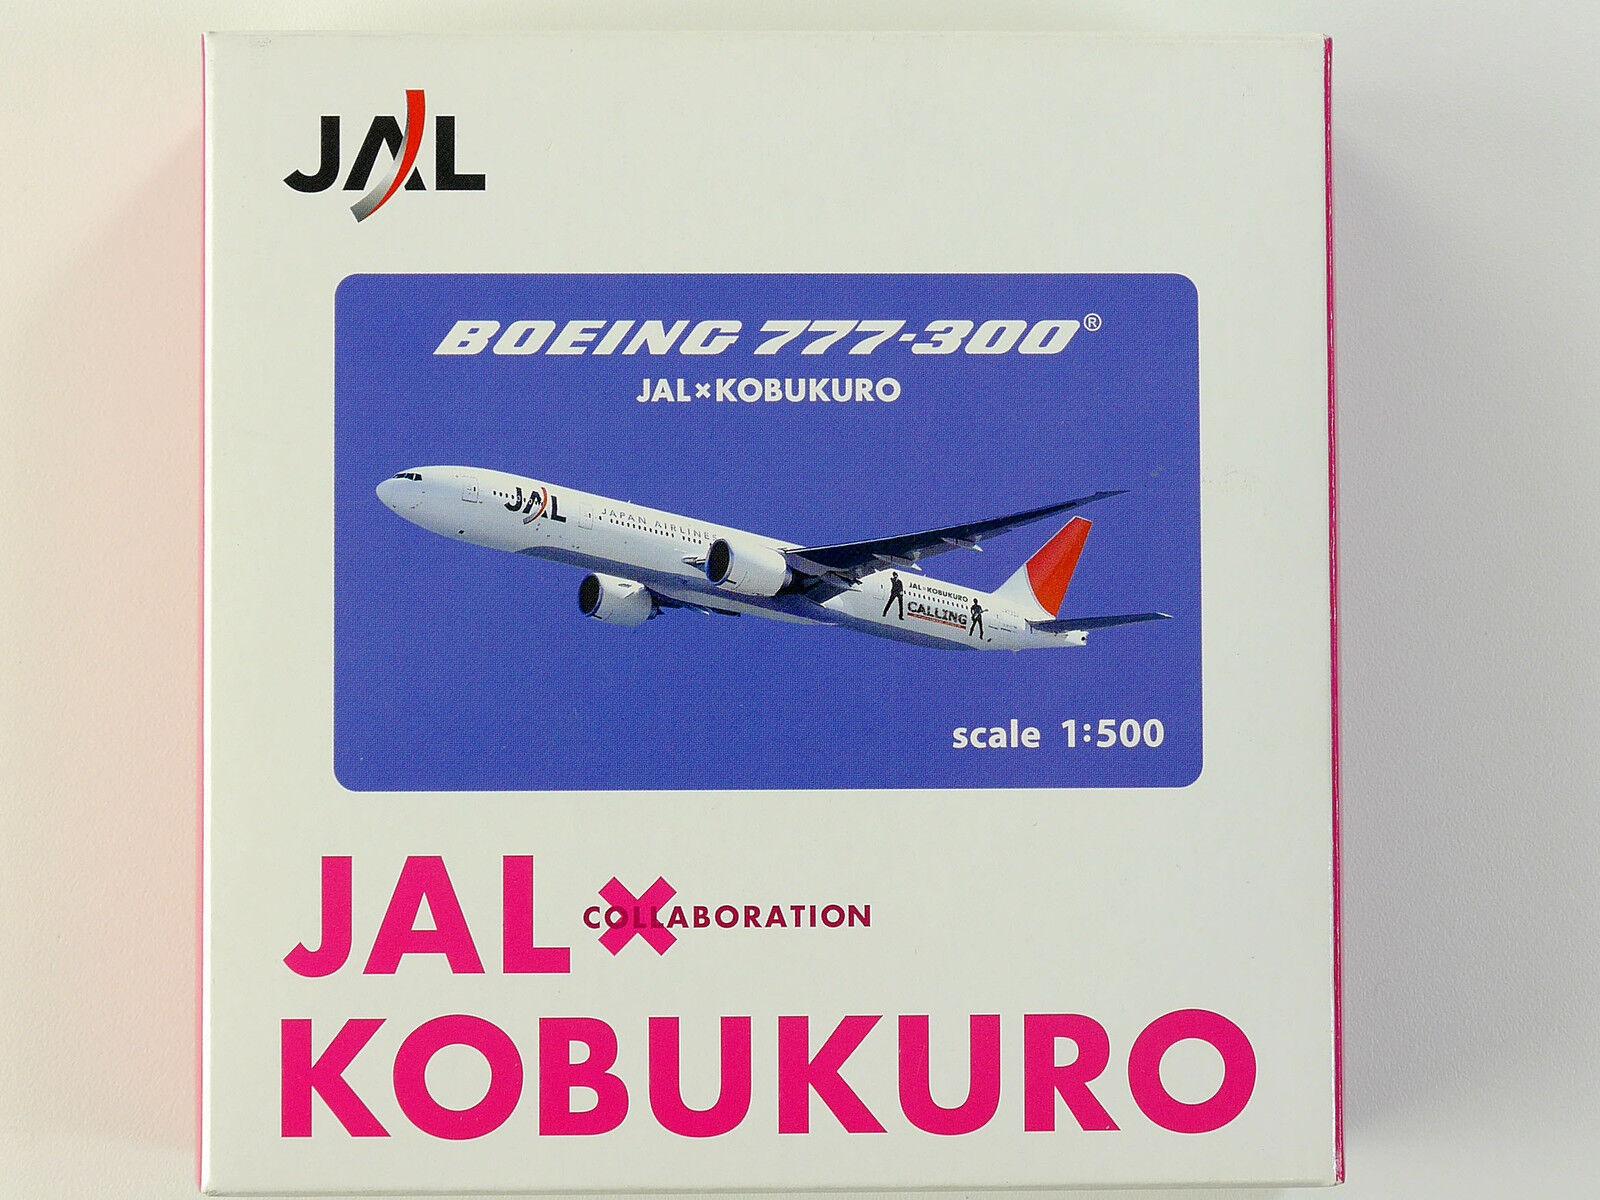 Jalux ja8941 boeing 777-300 jal kobukuro metall 1  500 flugzeug ovp 1601-24-02